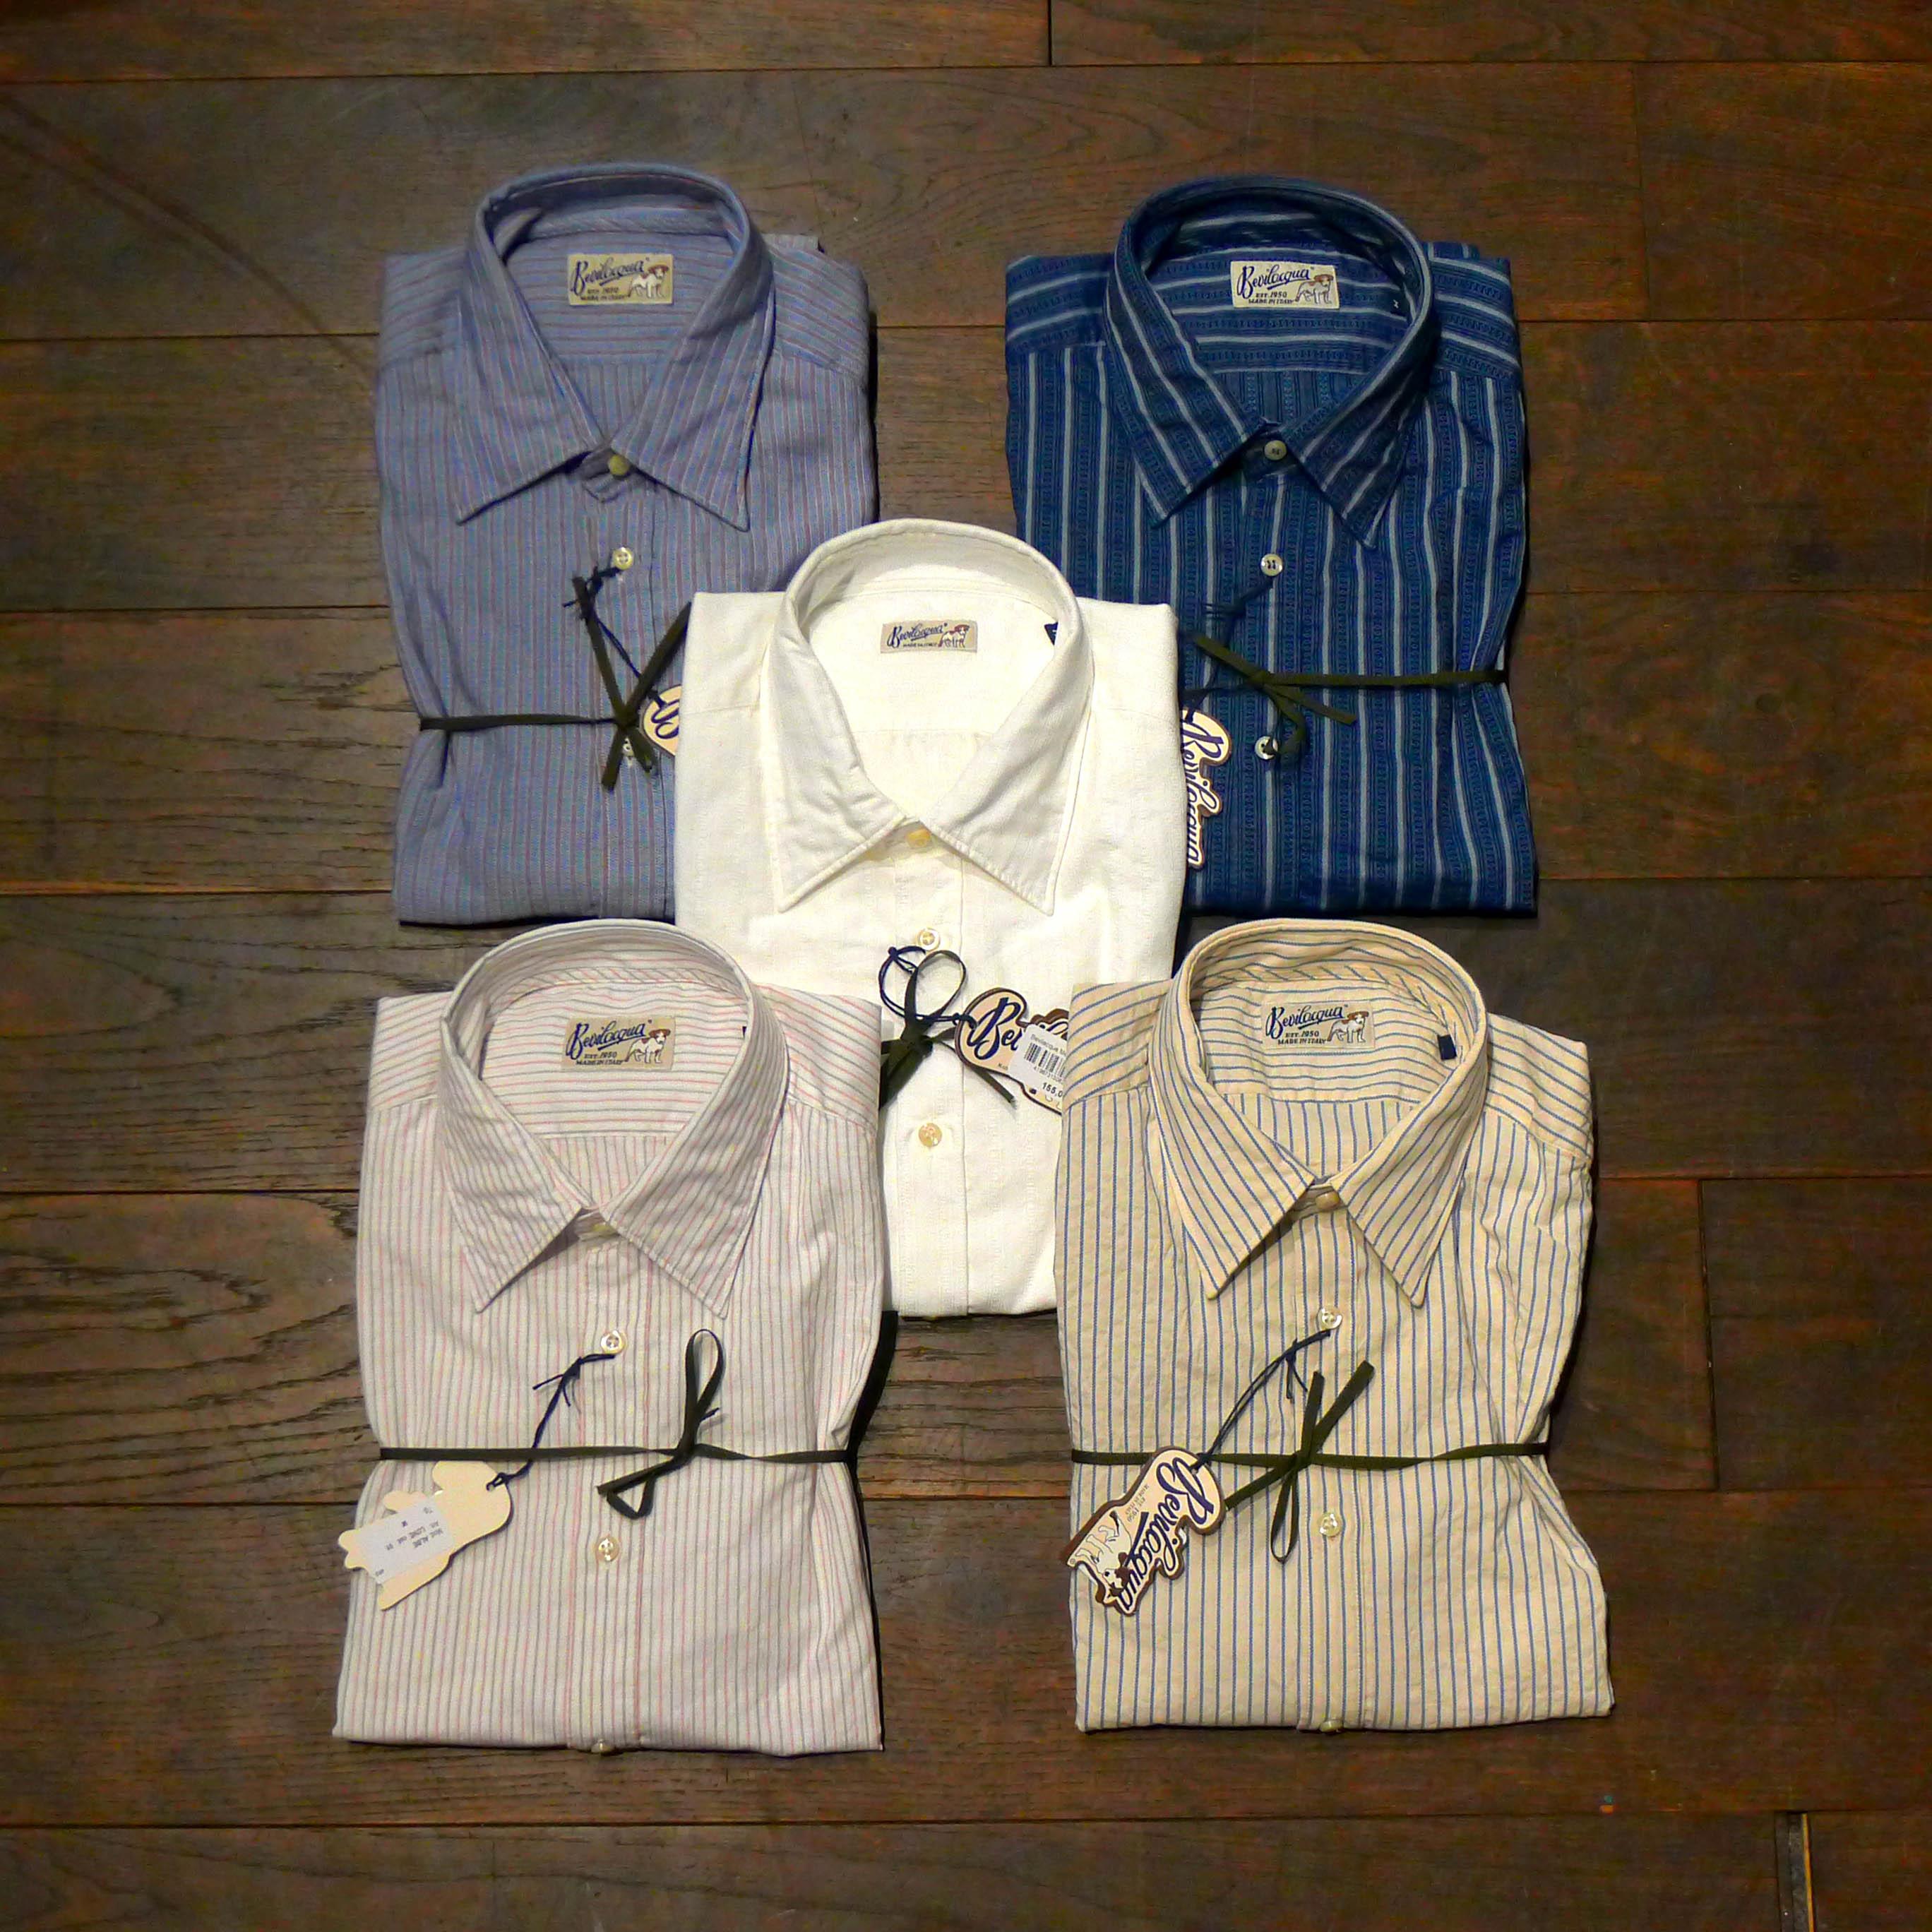 bevilacqua-hemden